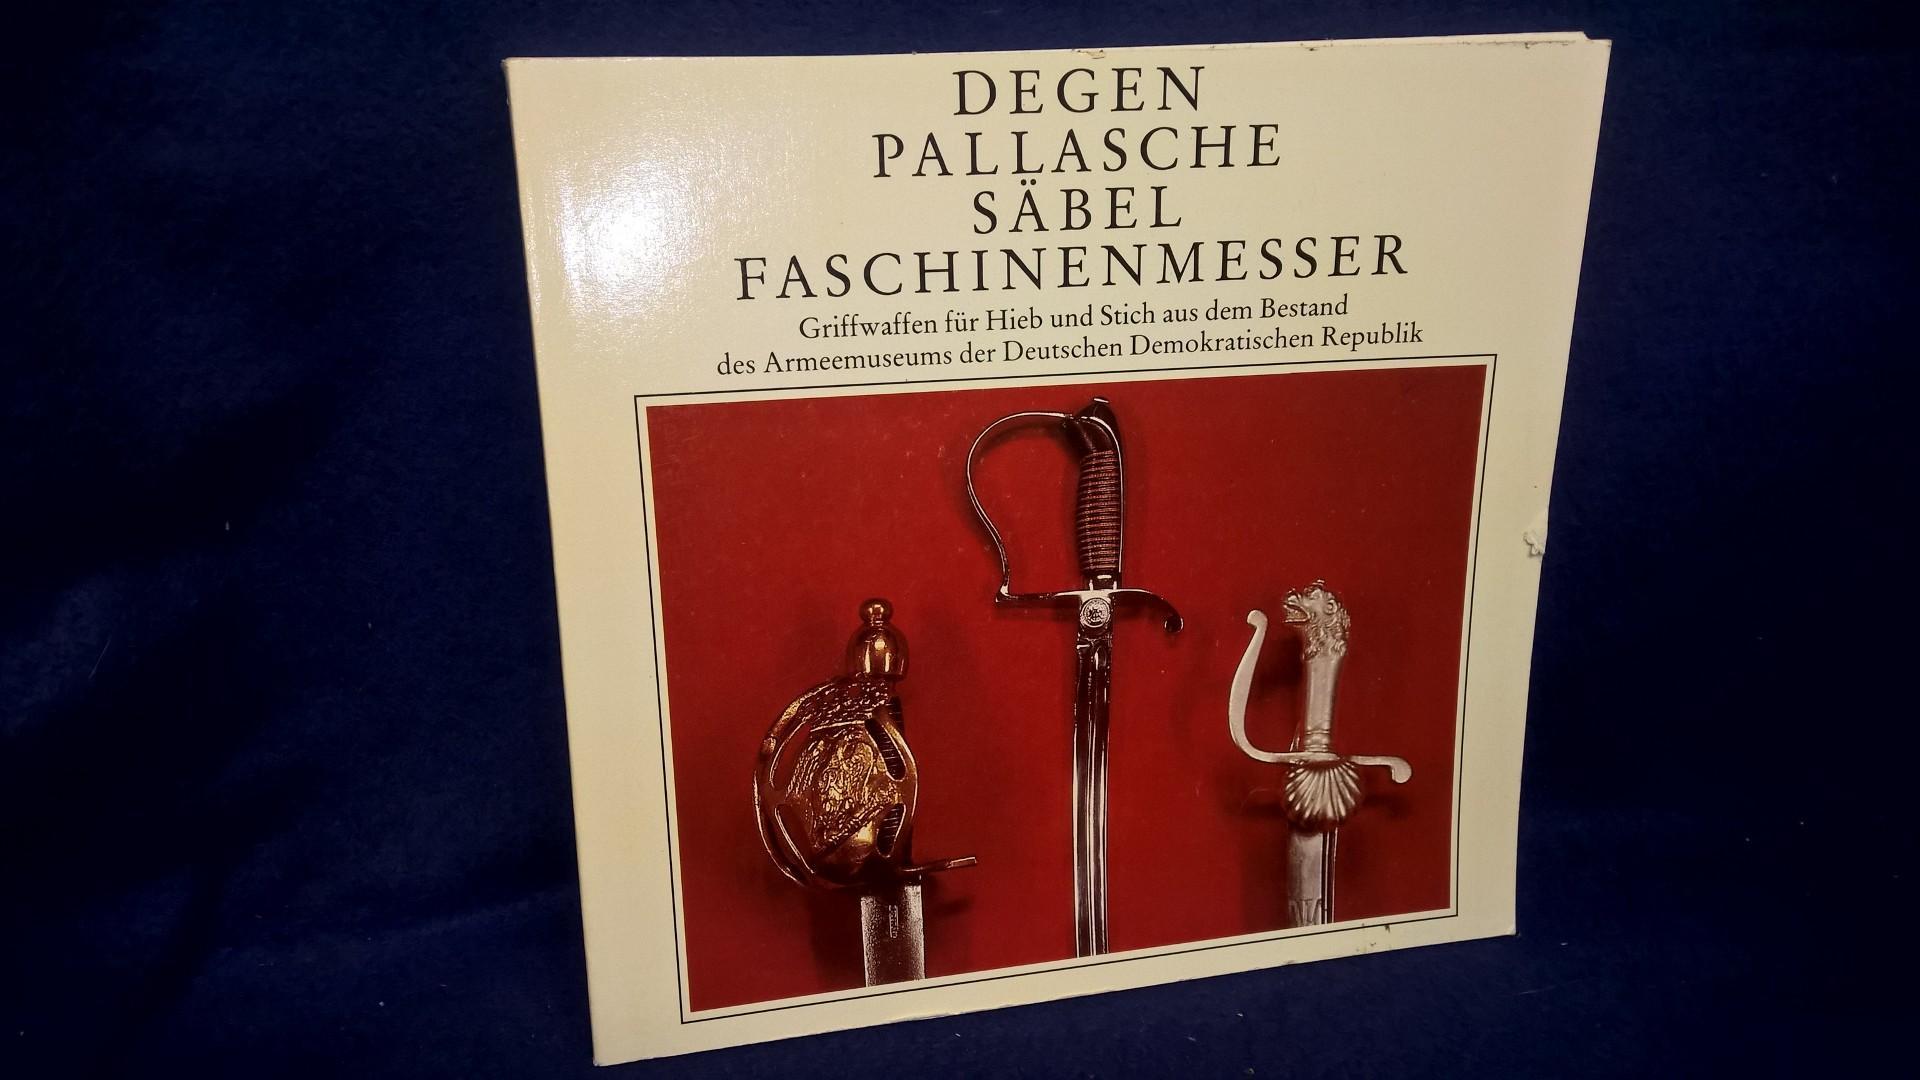 DEGEN, PALLASCHE, SÄBEL, FASCHINENMESSER. Griffwaffen für Hieb und Stich aus dem Bestand des Armeemuseums der Deutschen Demokratischen Republik